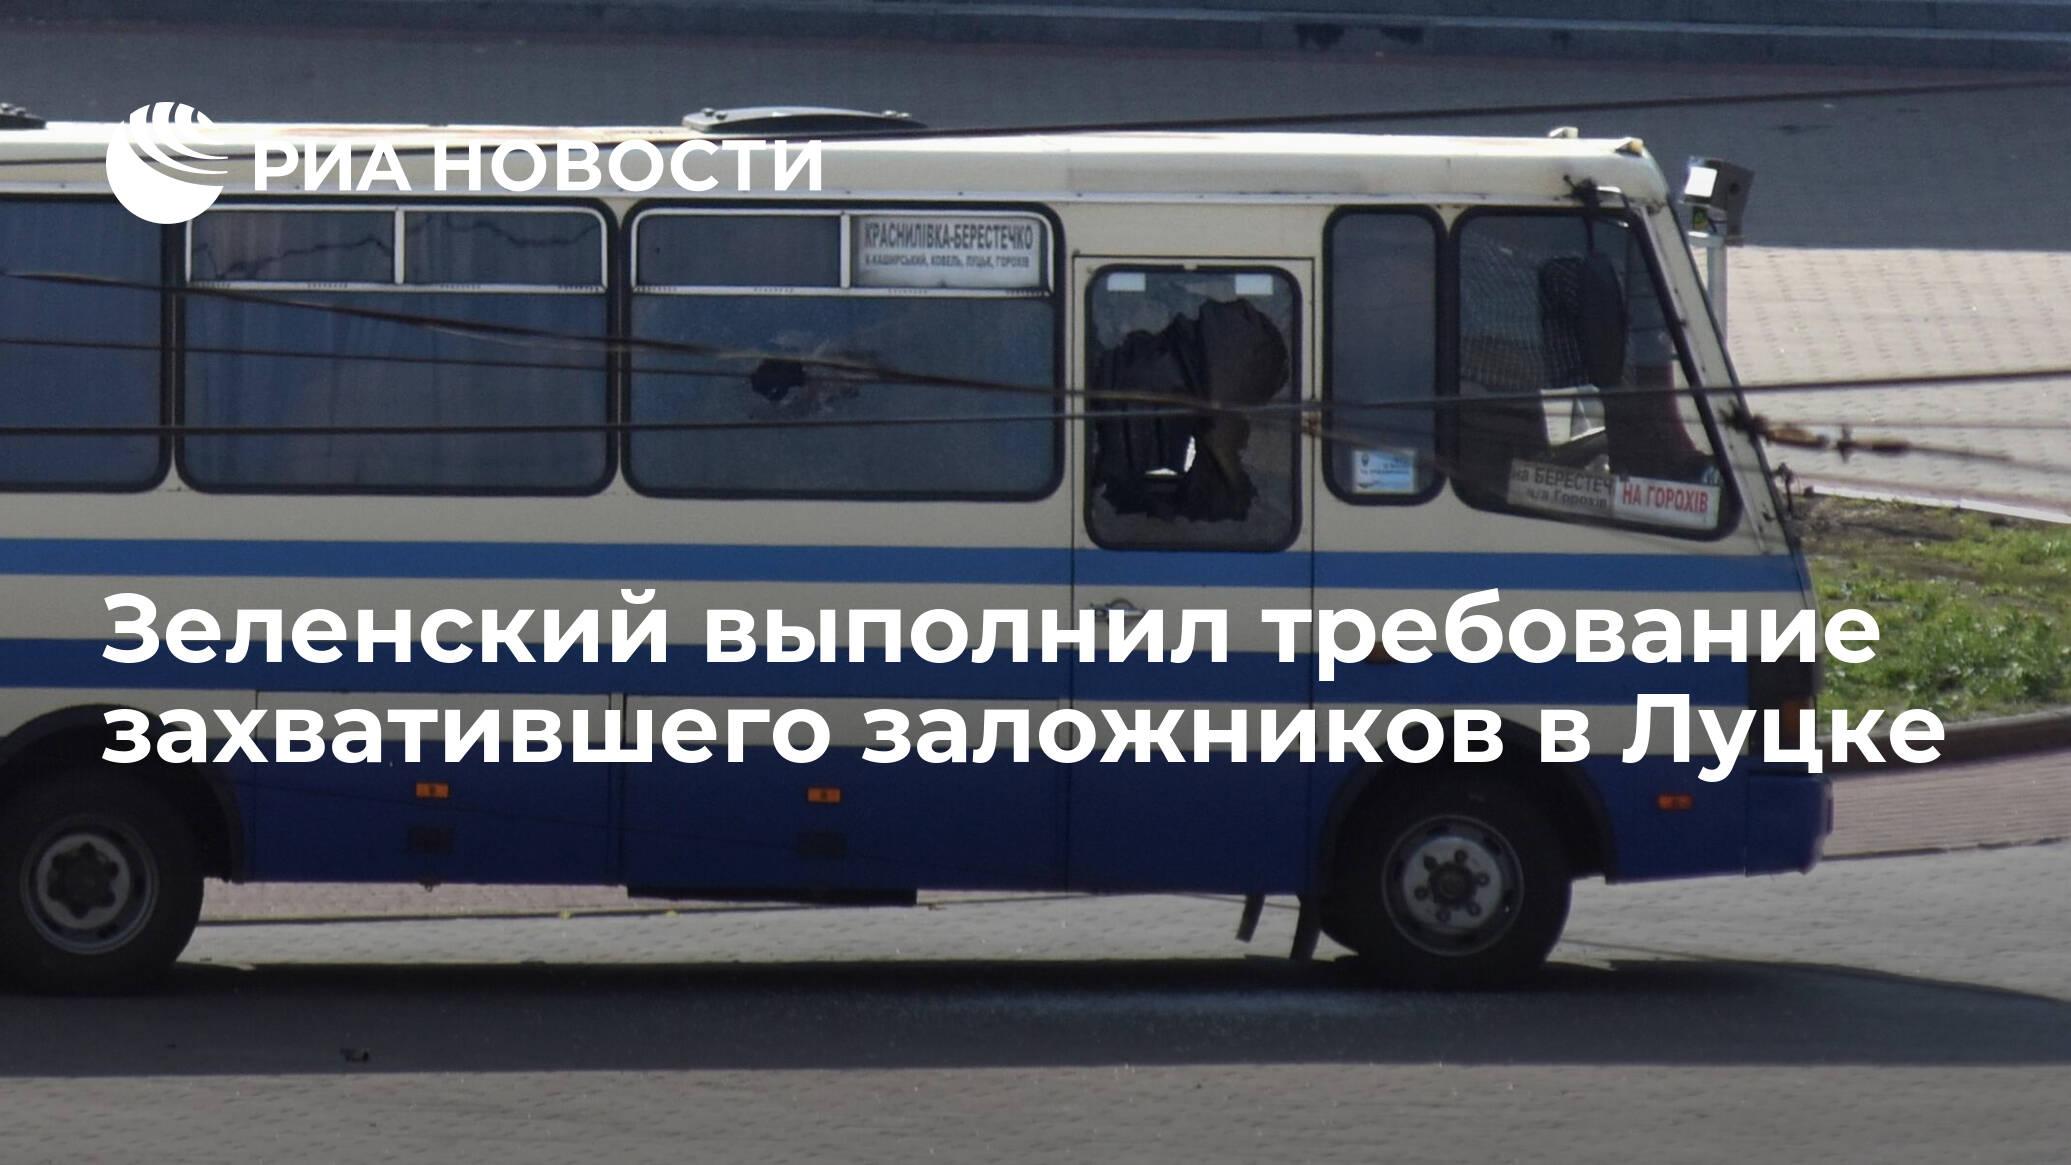 Зеленский выполнил требование захватившего заложников в Луцке